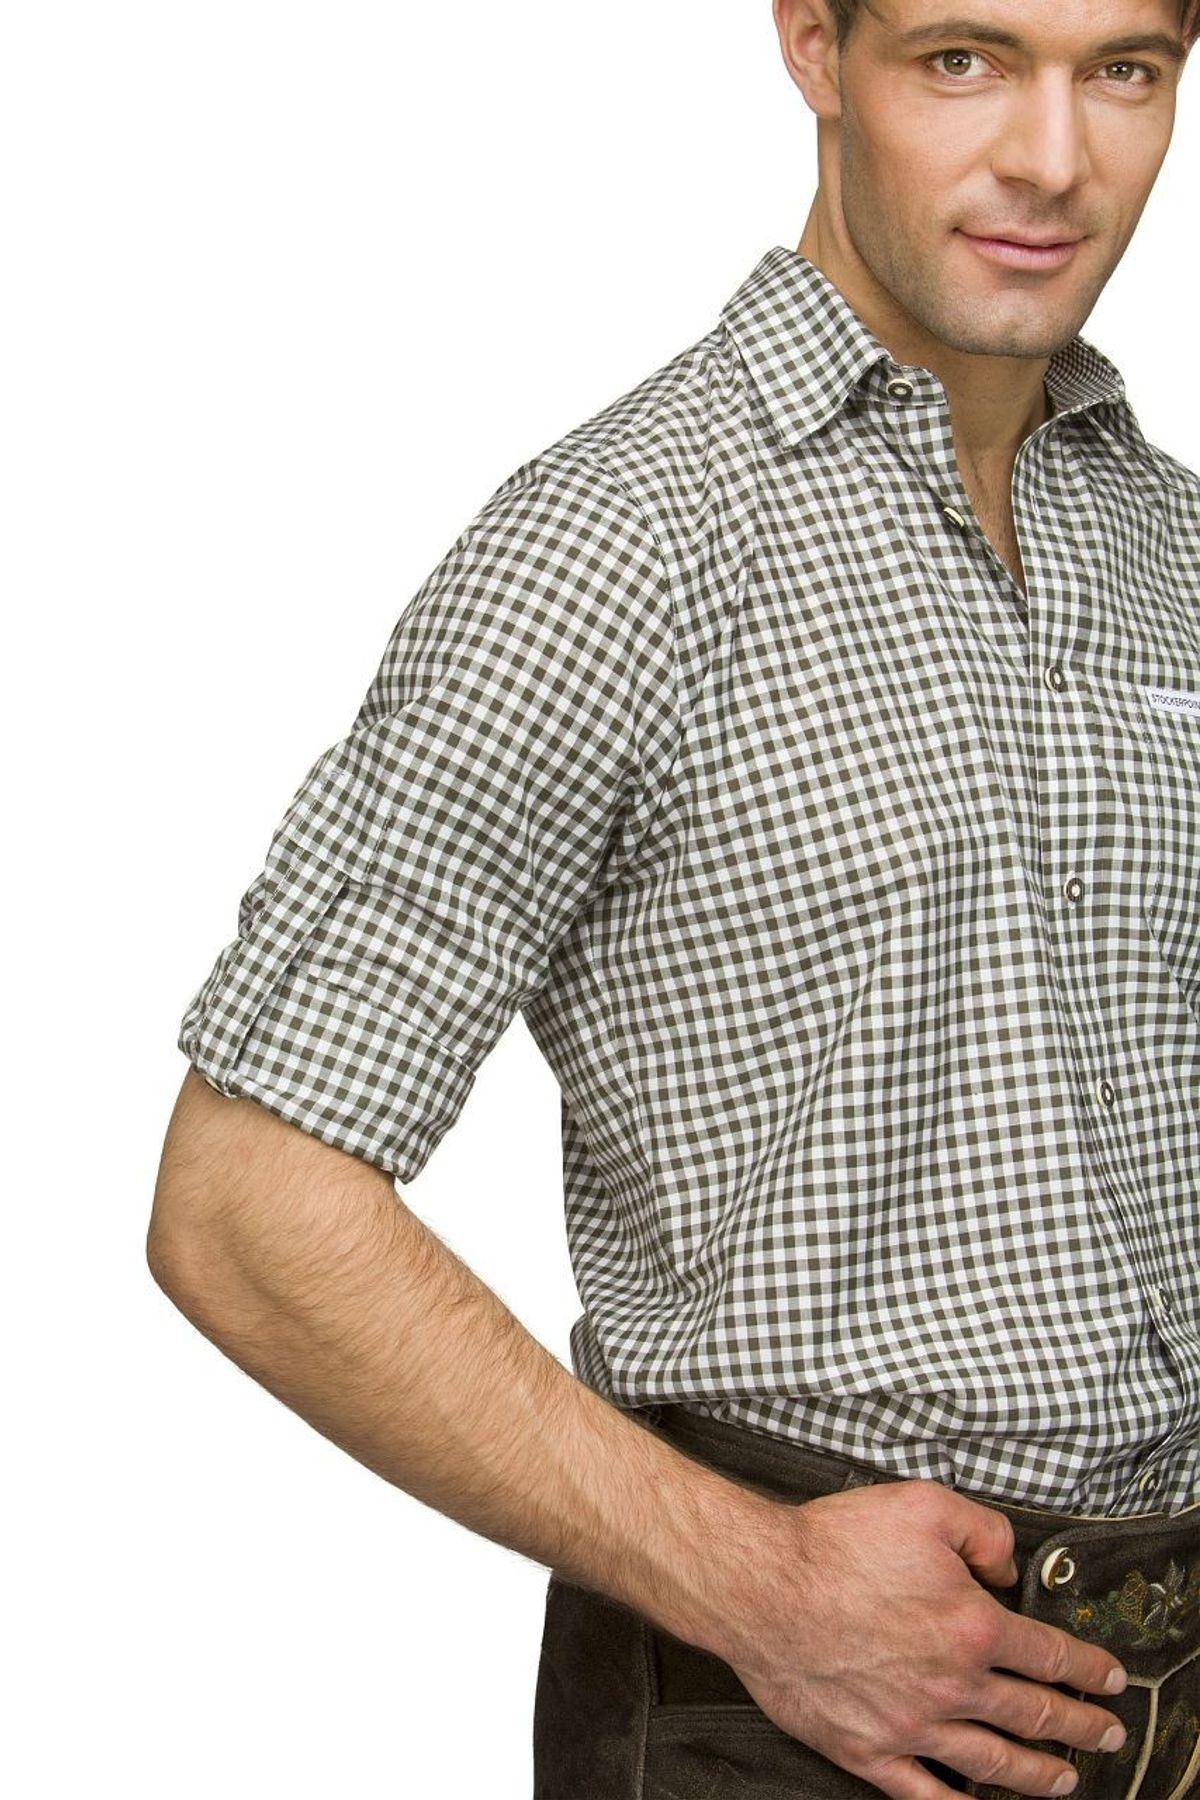 Stockerpoint - Herren Trachtenhemd, kariert in verschiedenen Farbvarianten, Campos2 – Bild 23